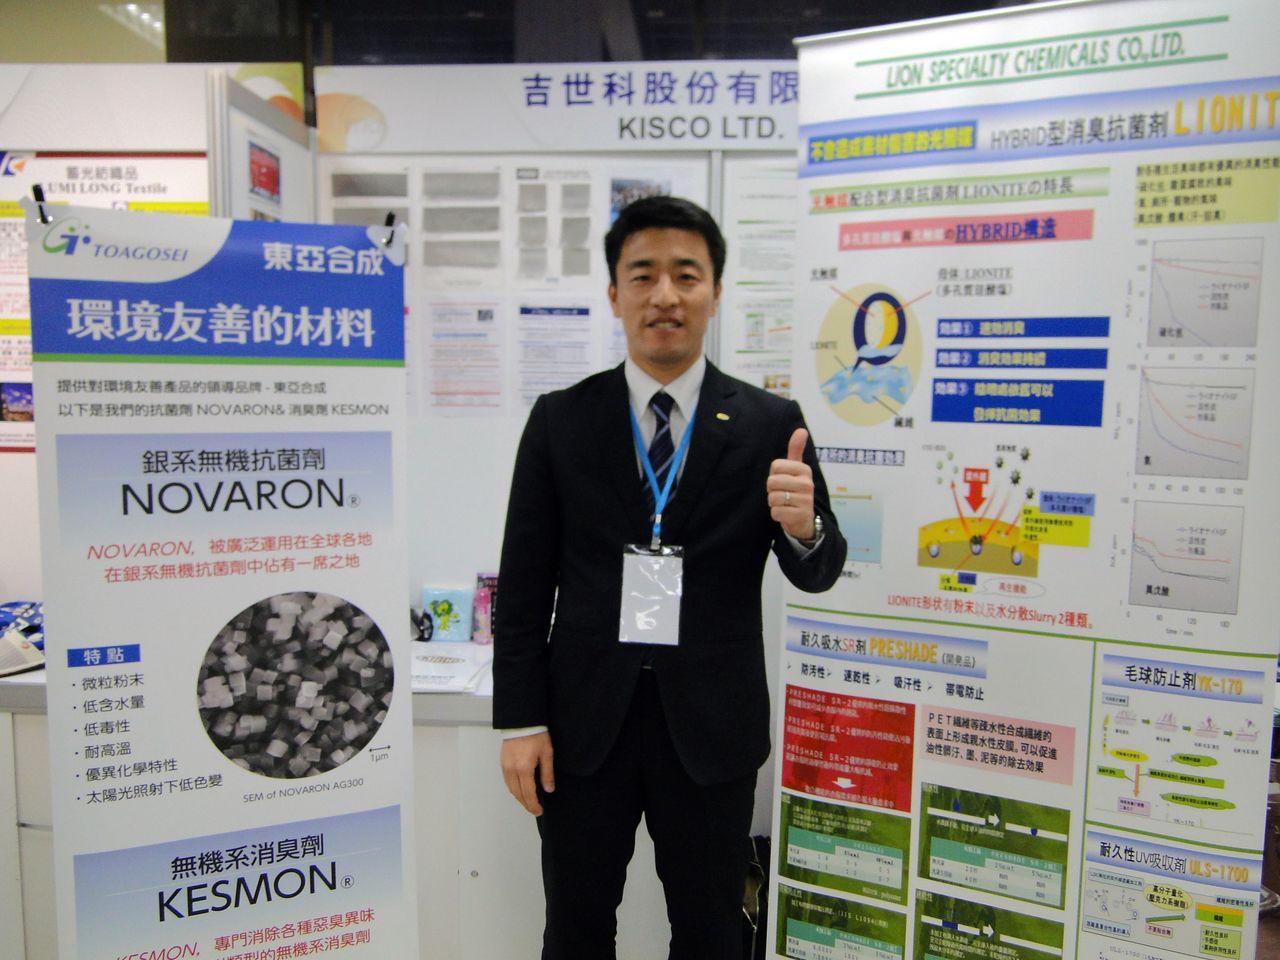 台灣吉世科Kisco總經理丹野亮介。 金萊萊/攝影